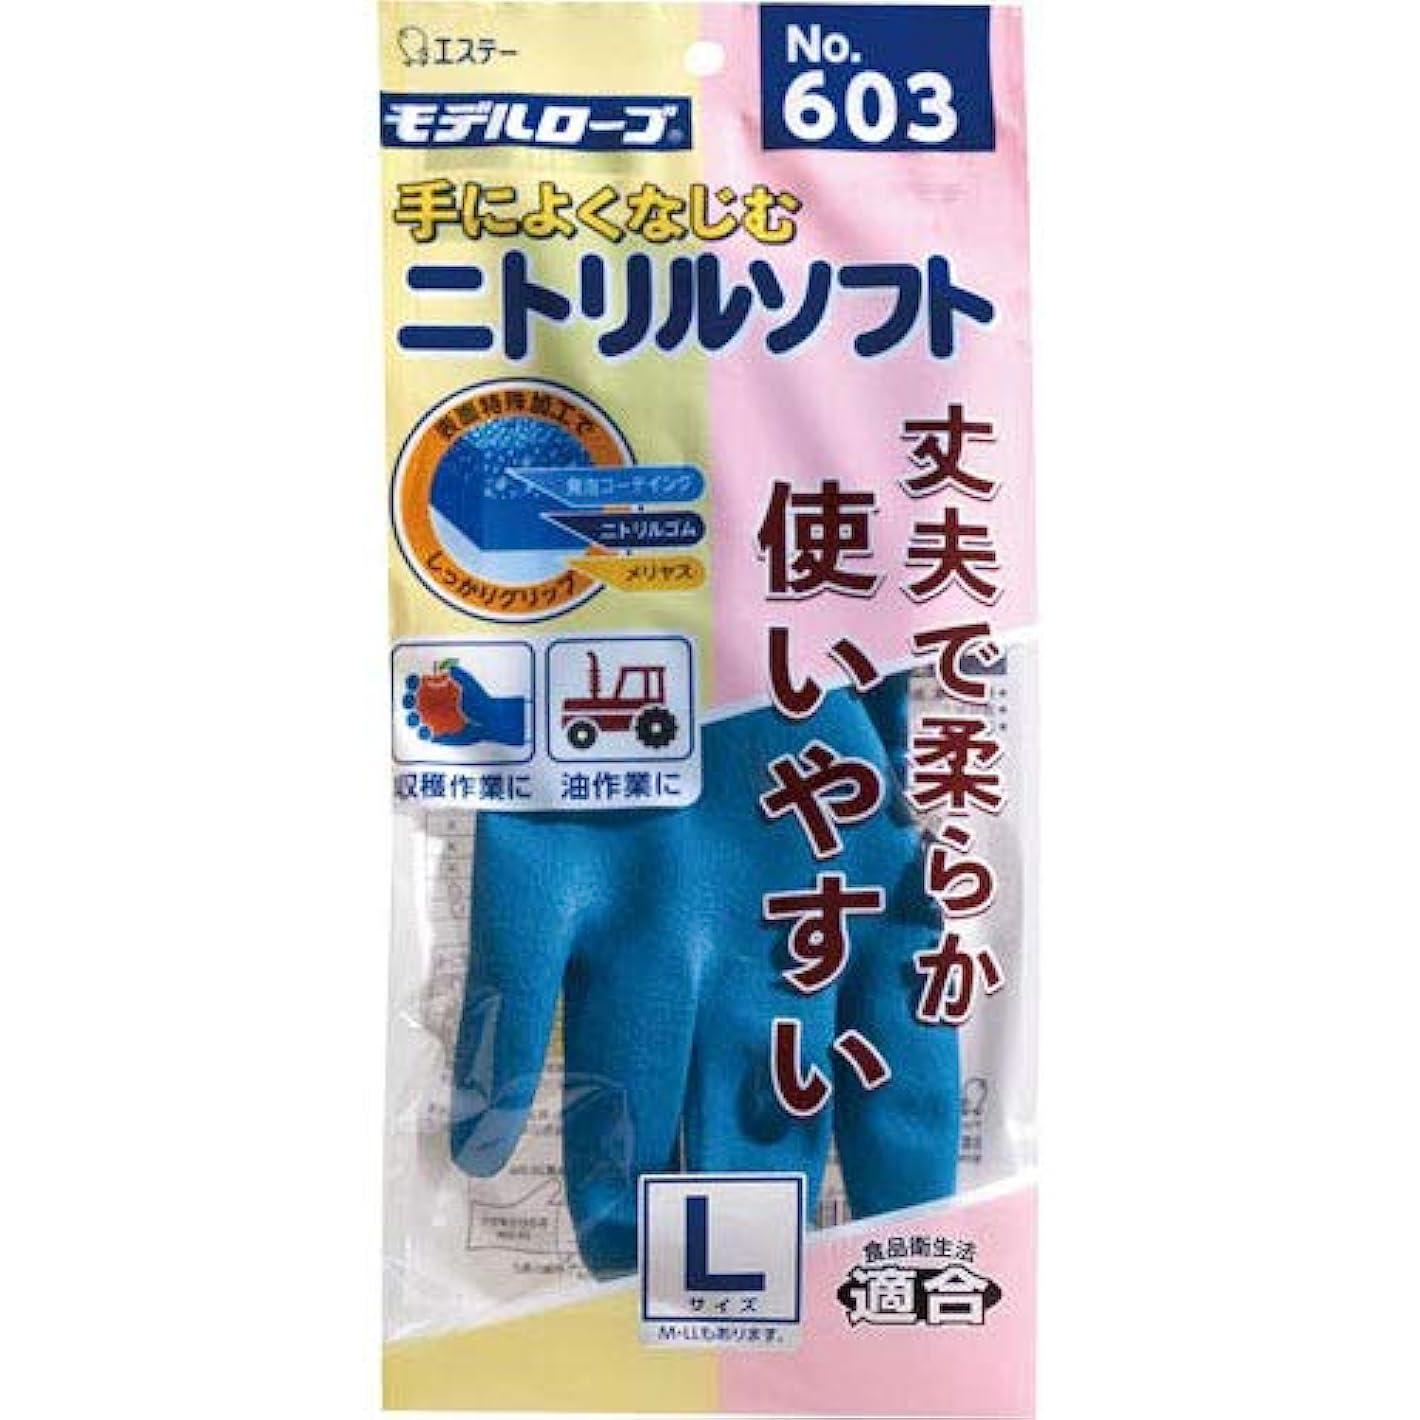 ゴール未来受動的モデルローブ ニトリルソフト No.603 L